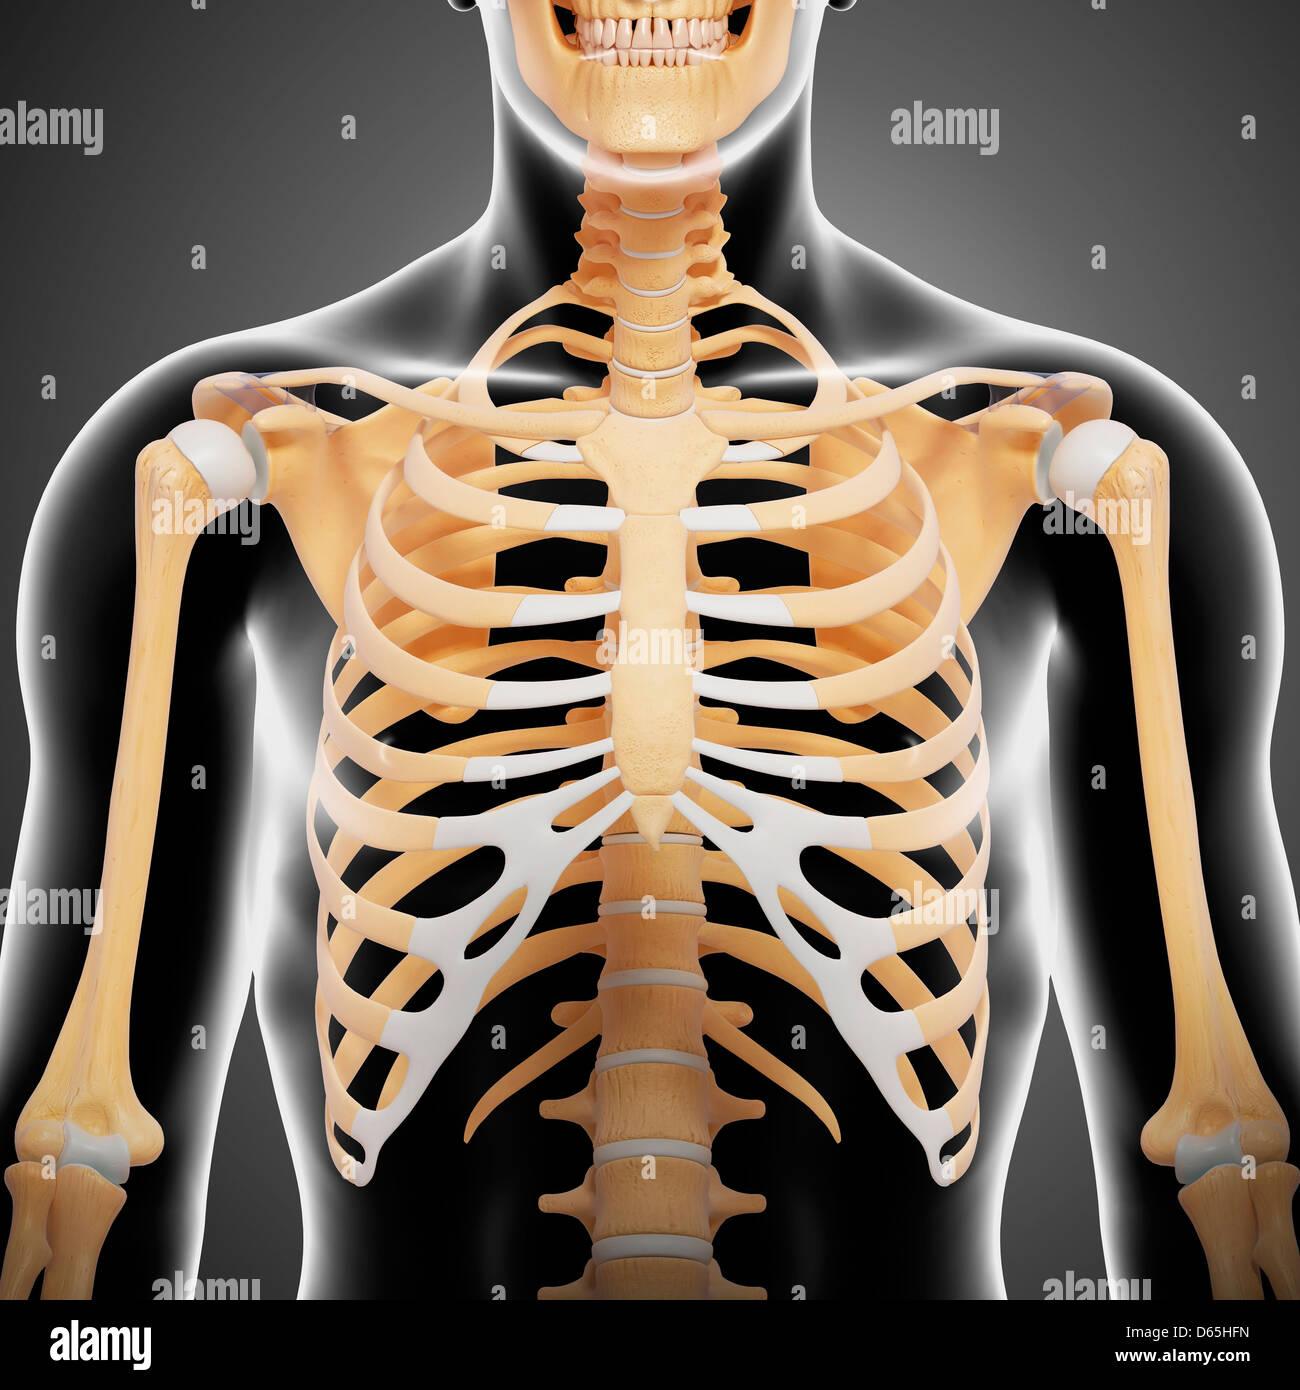 Upper body bones, artwork - Stock Image